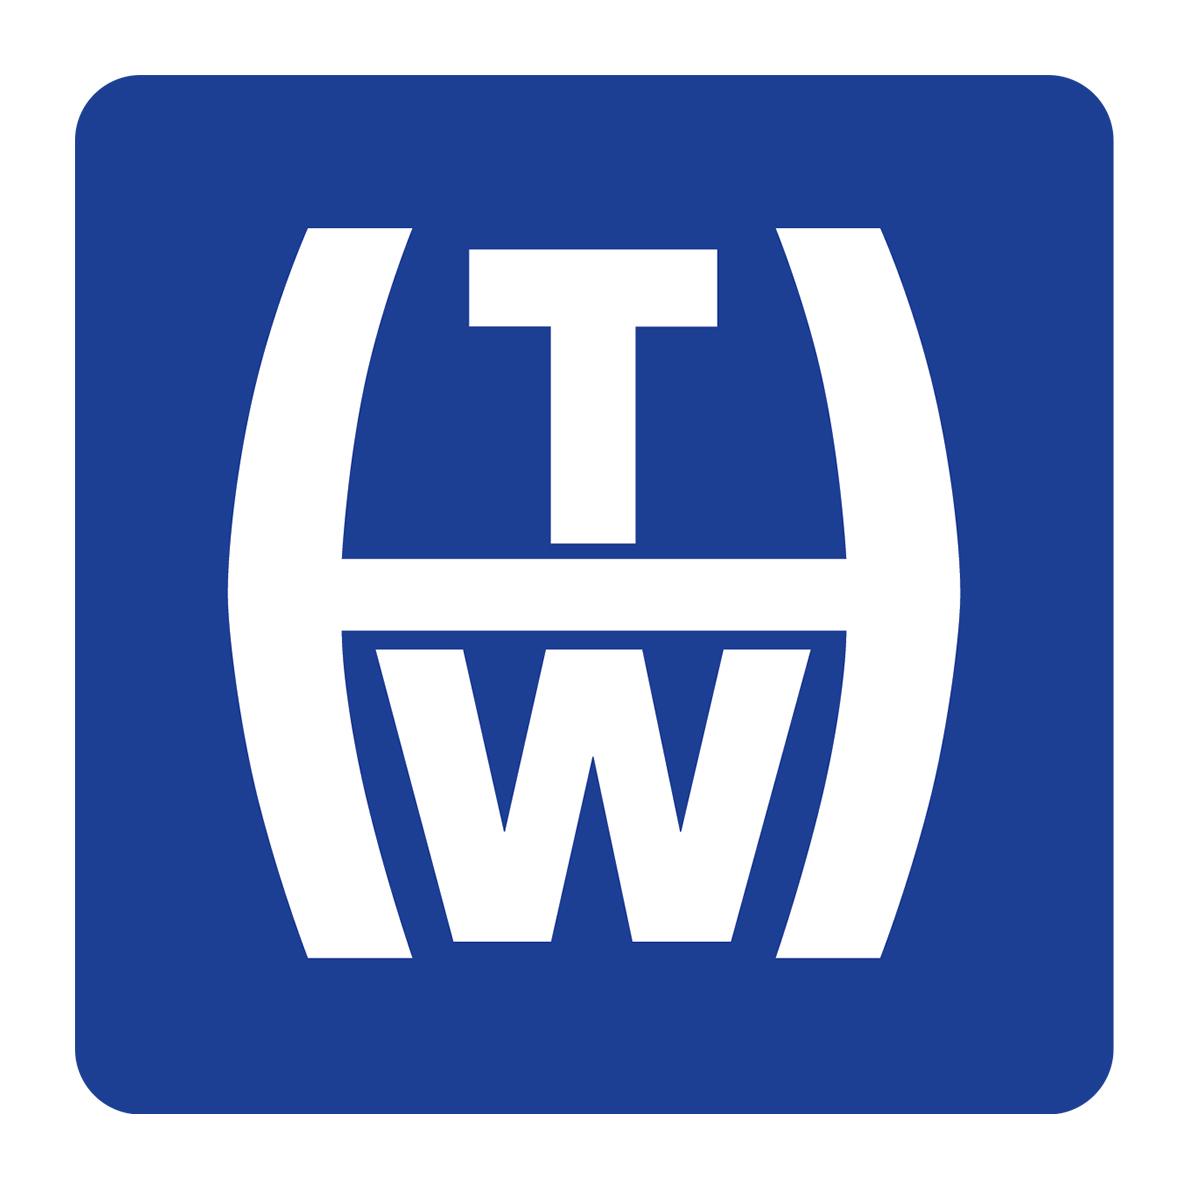 HTW Ltd.